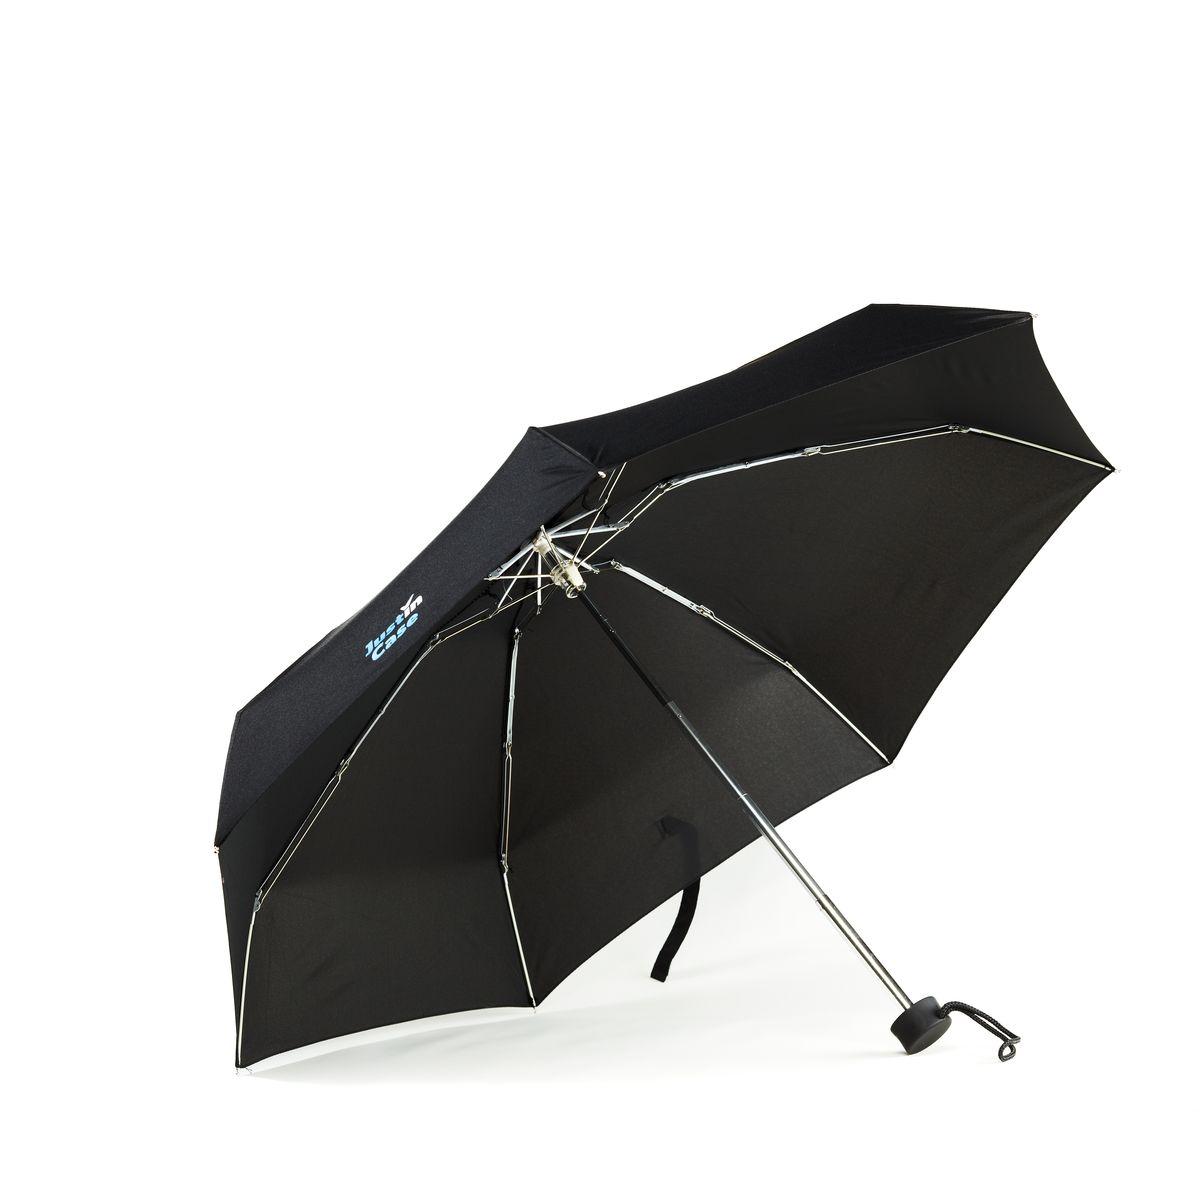 Зонт JustinCase, цвет: черный, диаметр 90 смG5042Легкий складной зонт JustinCase благодаря своим компактным размерам поместится в любой сумке и защитит от капризов погоды в любой точке мира! Конструкция выполнена из прочного металла, купол - высококачественный полиэстер. С зонтом JustinCase вам не страшен ни моросящий дождь в Лондоне, ни короткий бурный ливень в Таиланде. Подойдет и мужчинам, и женщинам, и детям – словом, каждому члену семьи. В комплекте чехол для хранения и переноски. Размер в сложенном виде: 17 см х 5,5 см х 5,5 см.